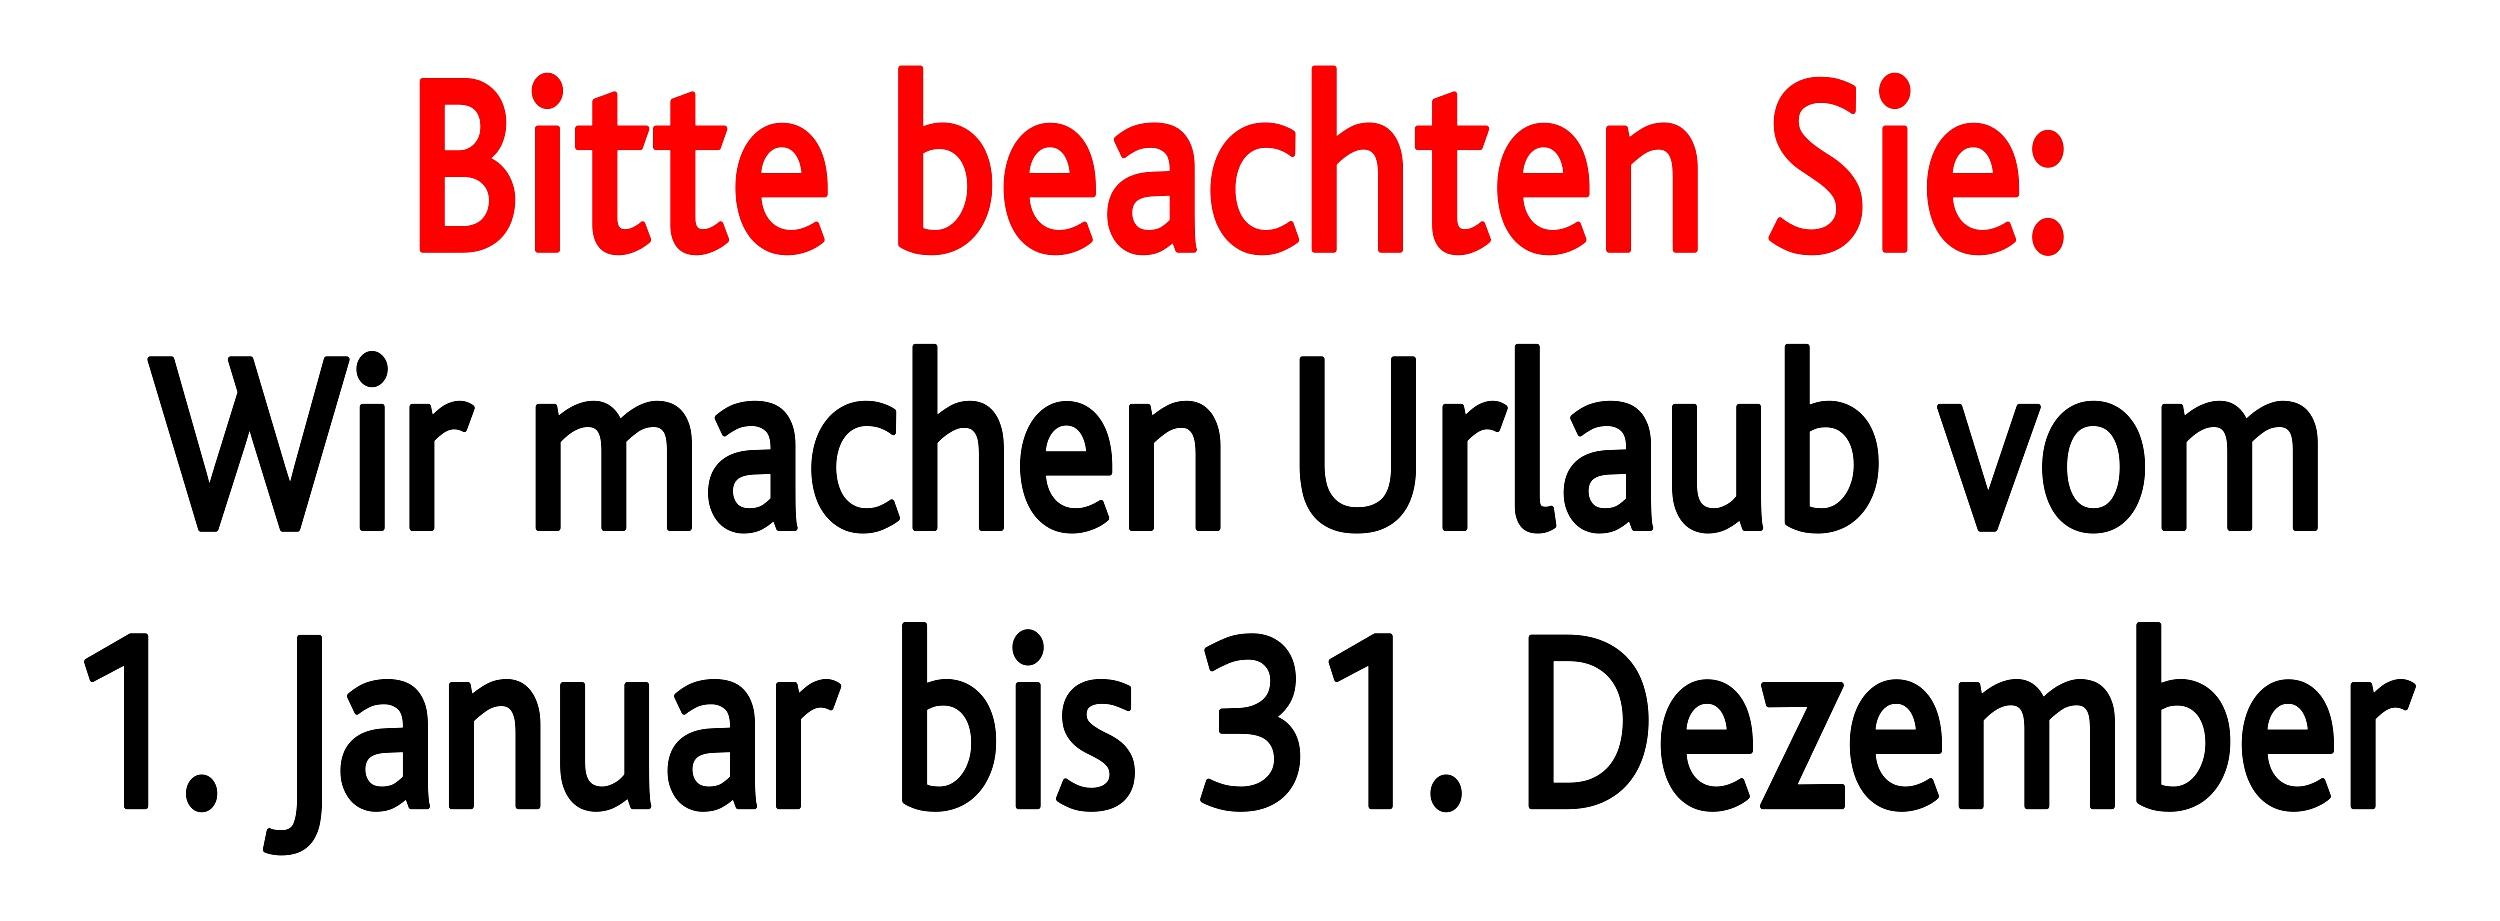 Aufkleber Bitte beachten Sie: Wir machen Urlaub vom 1. Januar bis 31. Dezember 70 x 190 mm